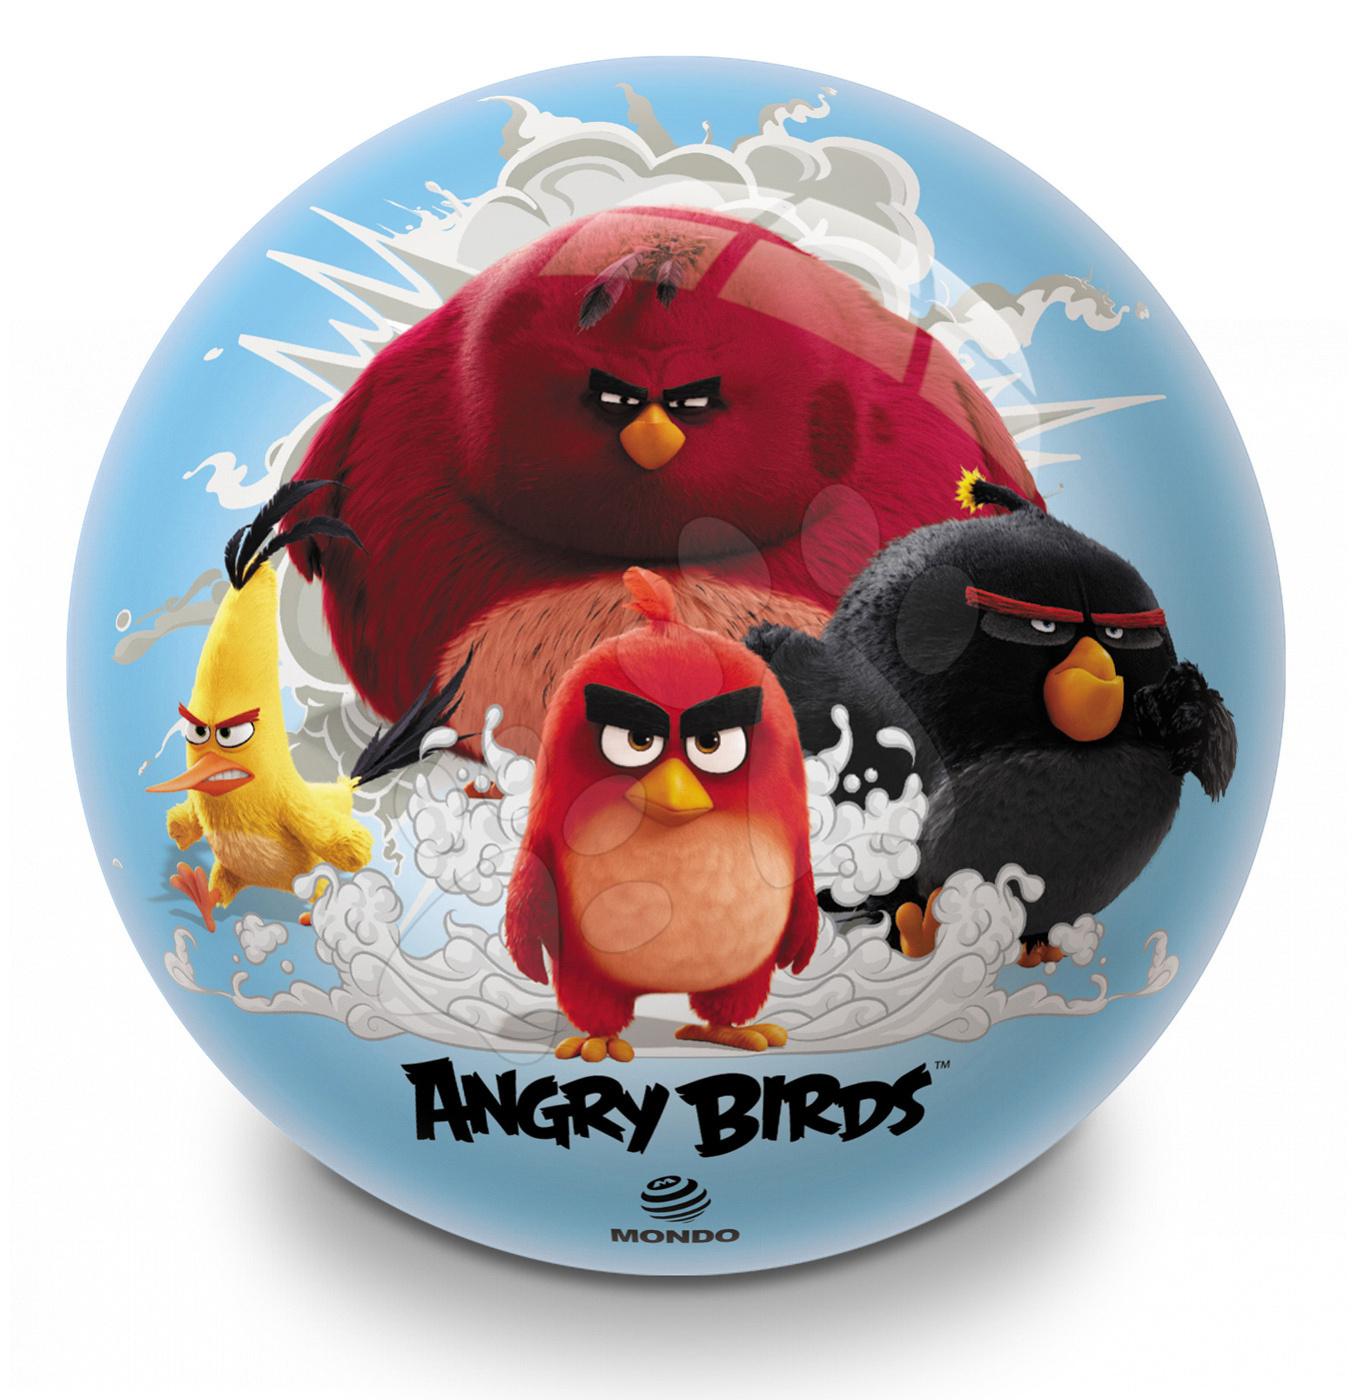 Pohádkový míč Angry Birds Mondo 14 cm